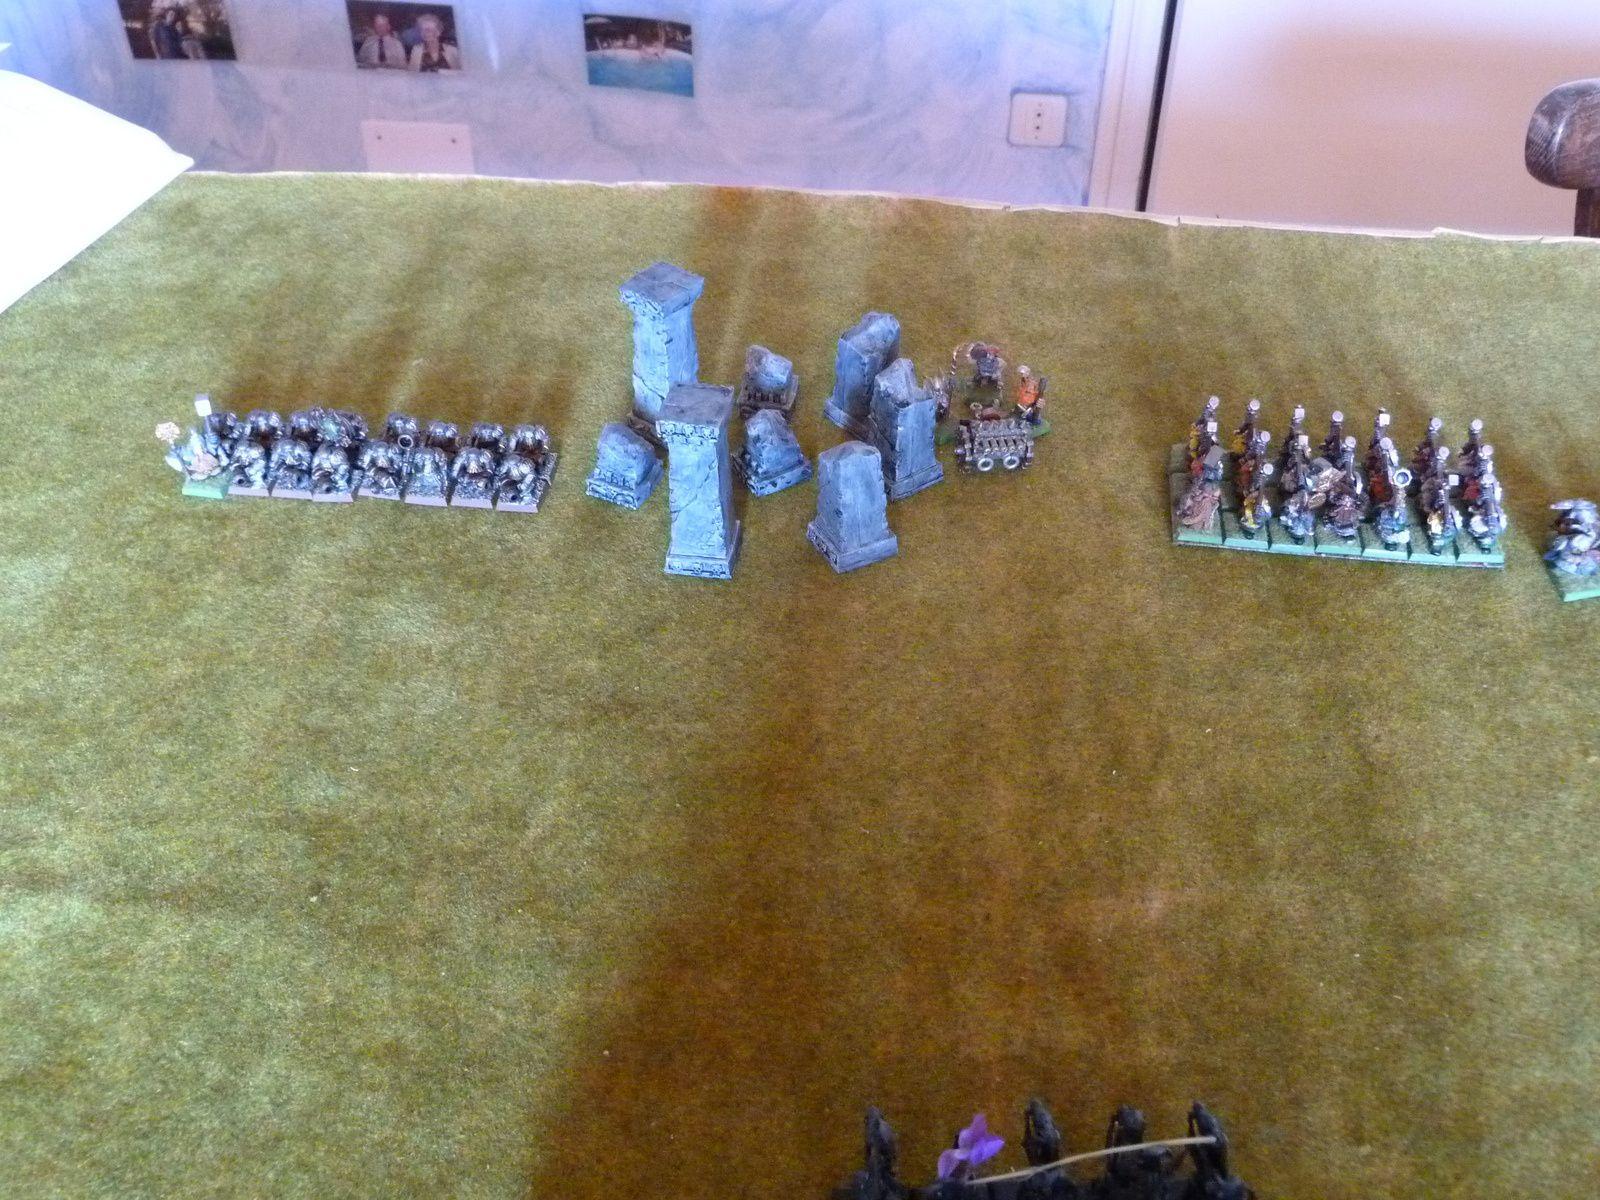 15 dracs de fer avec seigneur forgerune, un canon orgue, 20 marteliers + ingénieur, 14 arbalétriers + grande bannière, un canon, 38 guerriers avec le général et un gyrocoptère